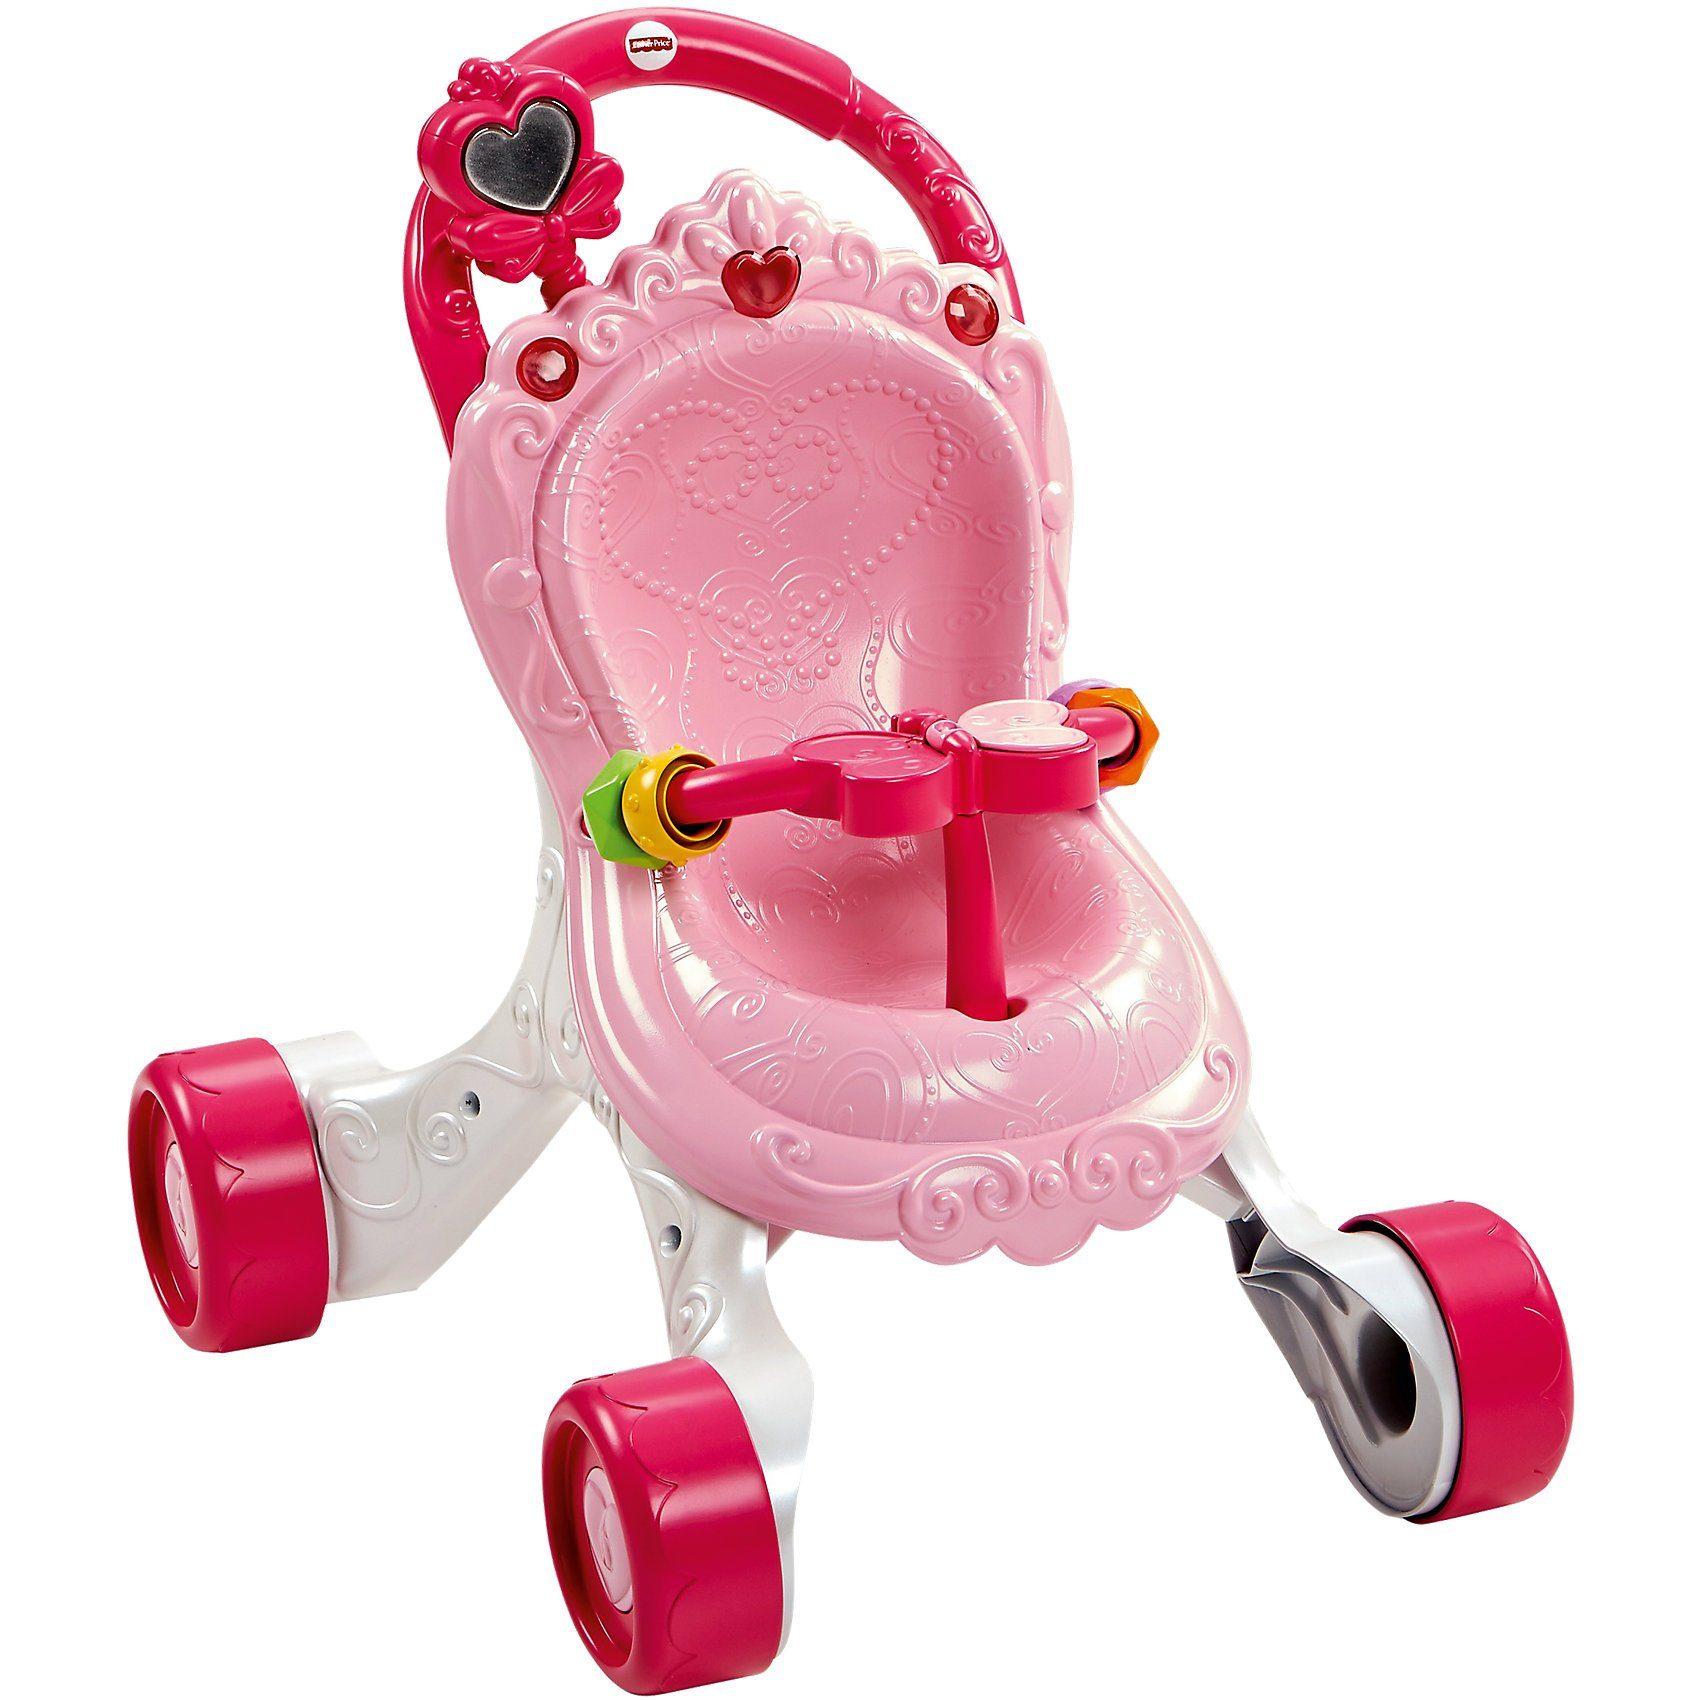 Mattel® Fisher-Price Musikspaß Lauflern- & Puppenwagen